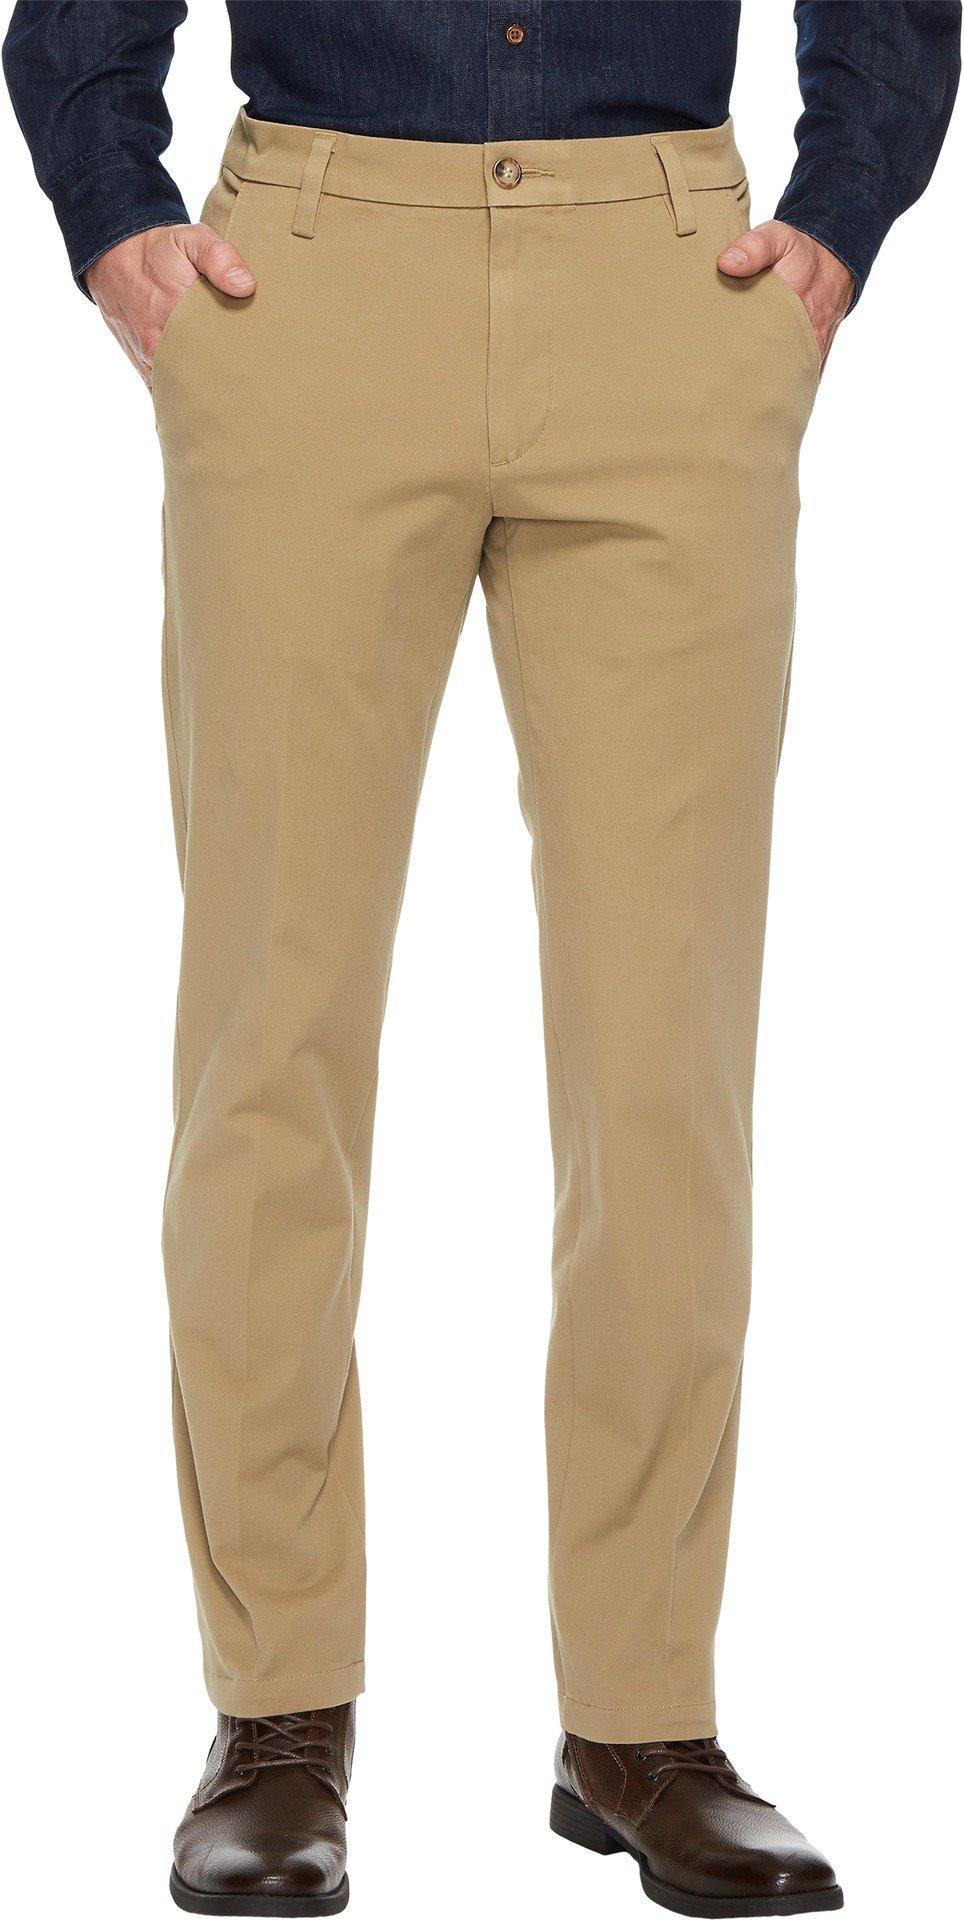 Dockers Men's Slim Tapered Fit Workday Khaki Smart 360 Flex Pants, New British Khaki (Stretch), 38W x 32L